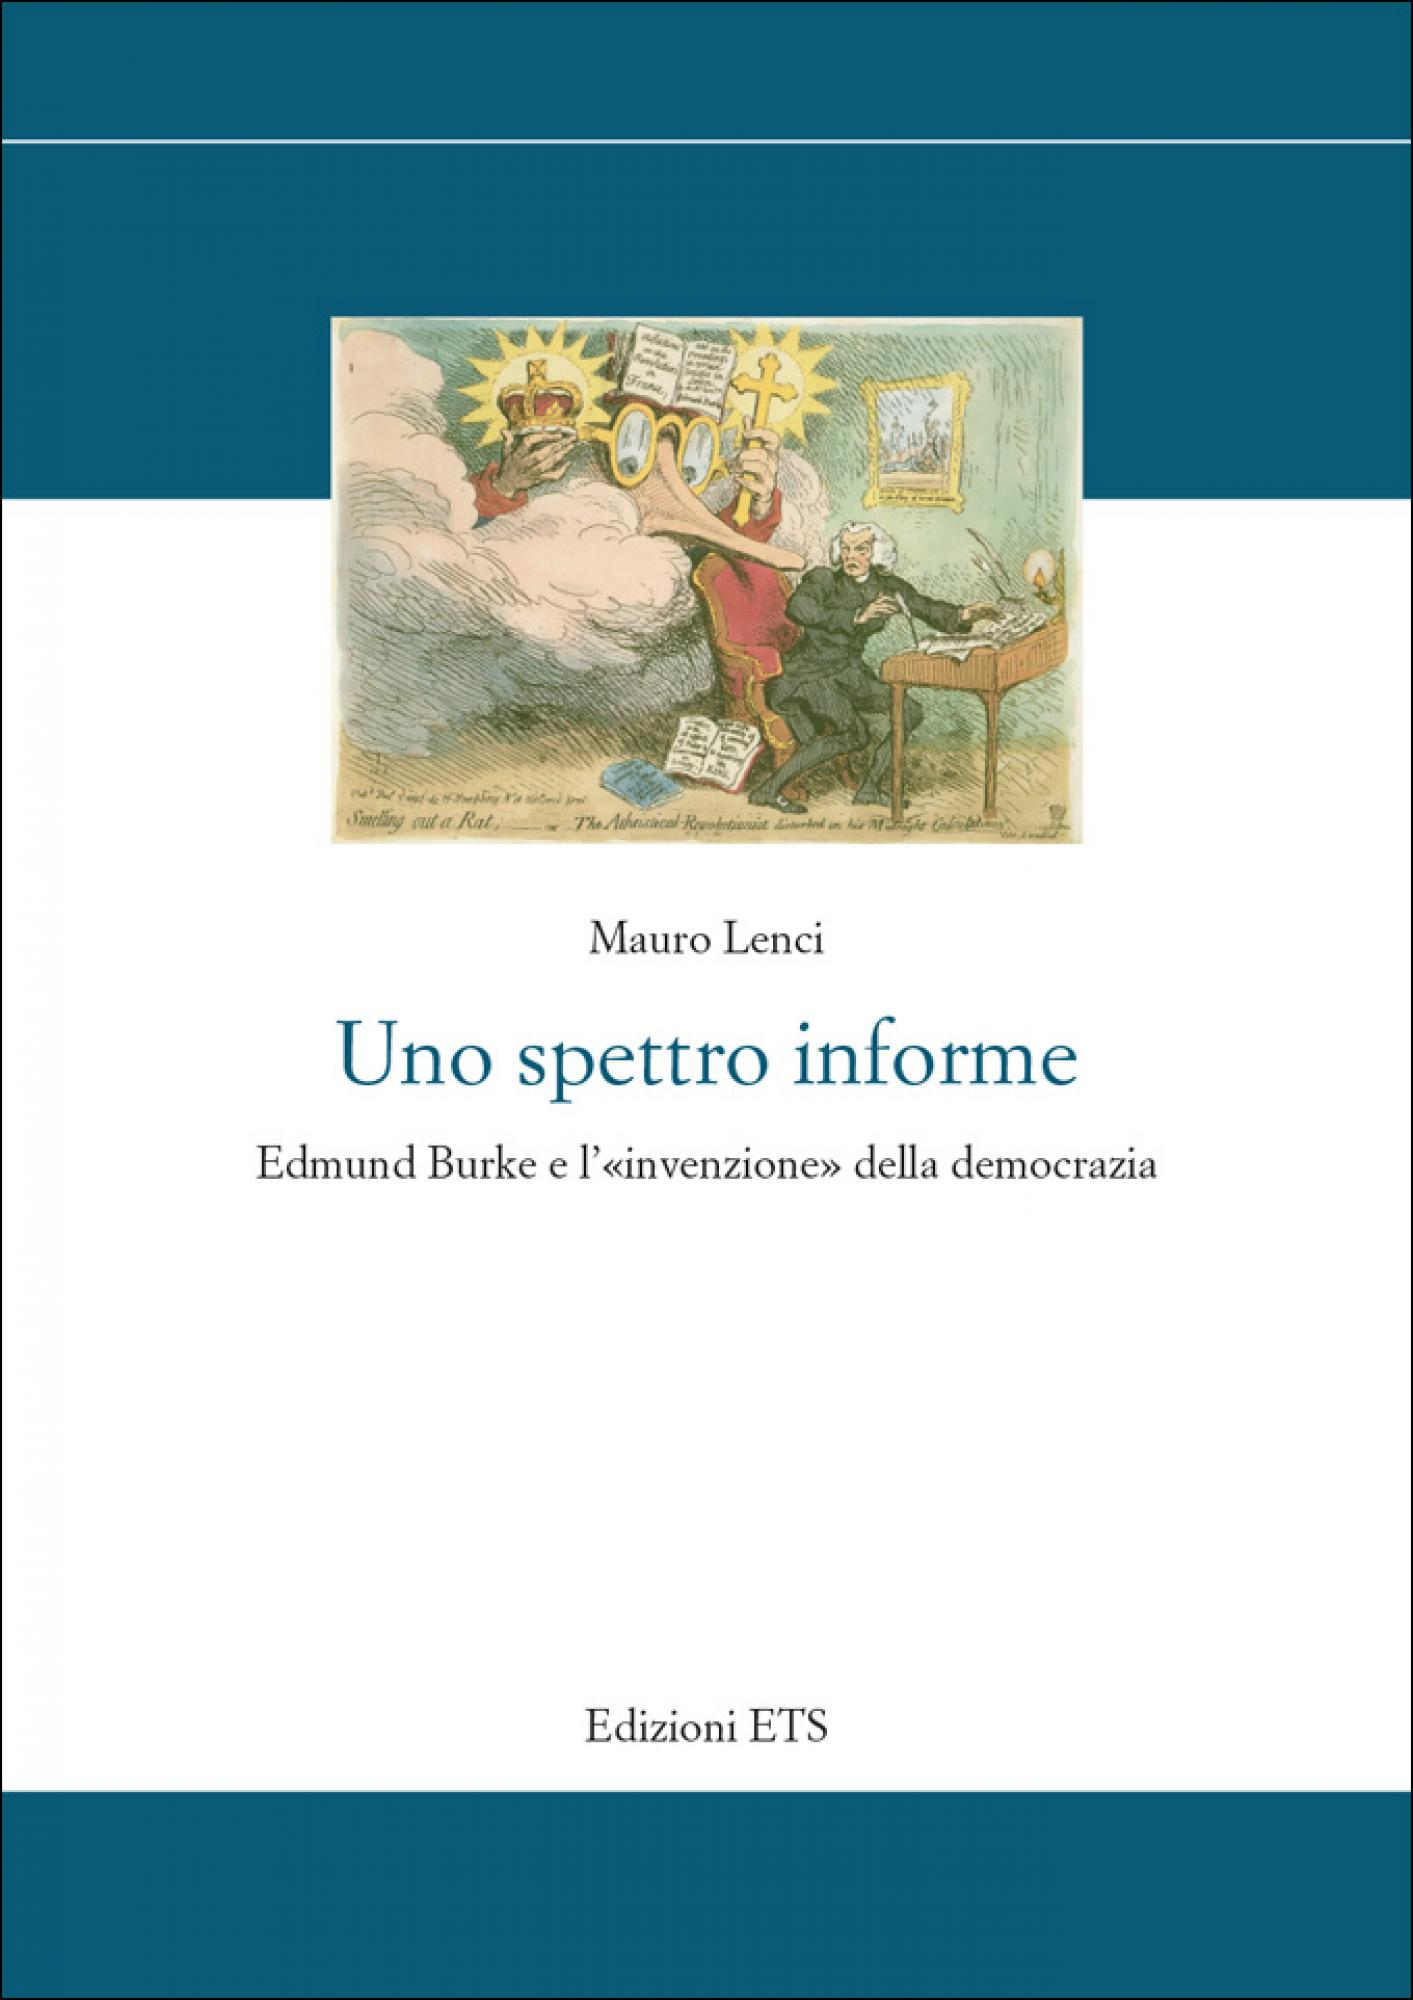 Uno spettro informe.Edmund Burke e l'«invenzione» della democrazia